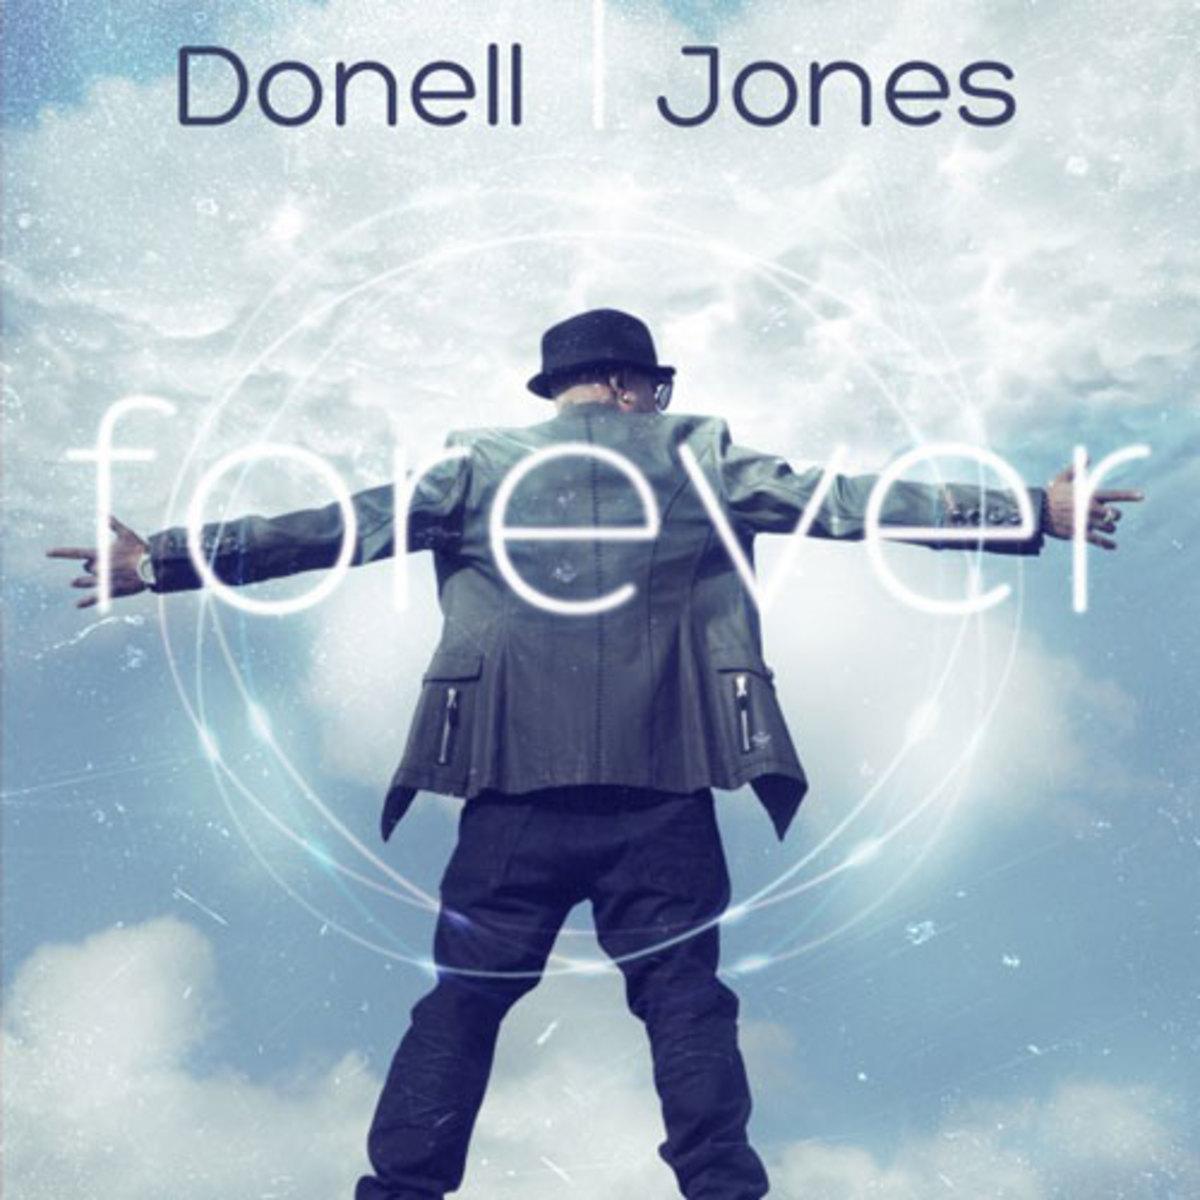 donelljones-forever.jpg